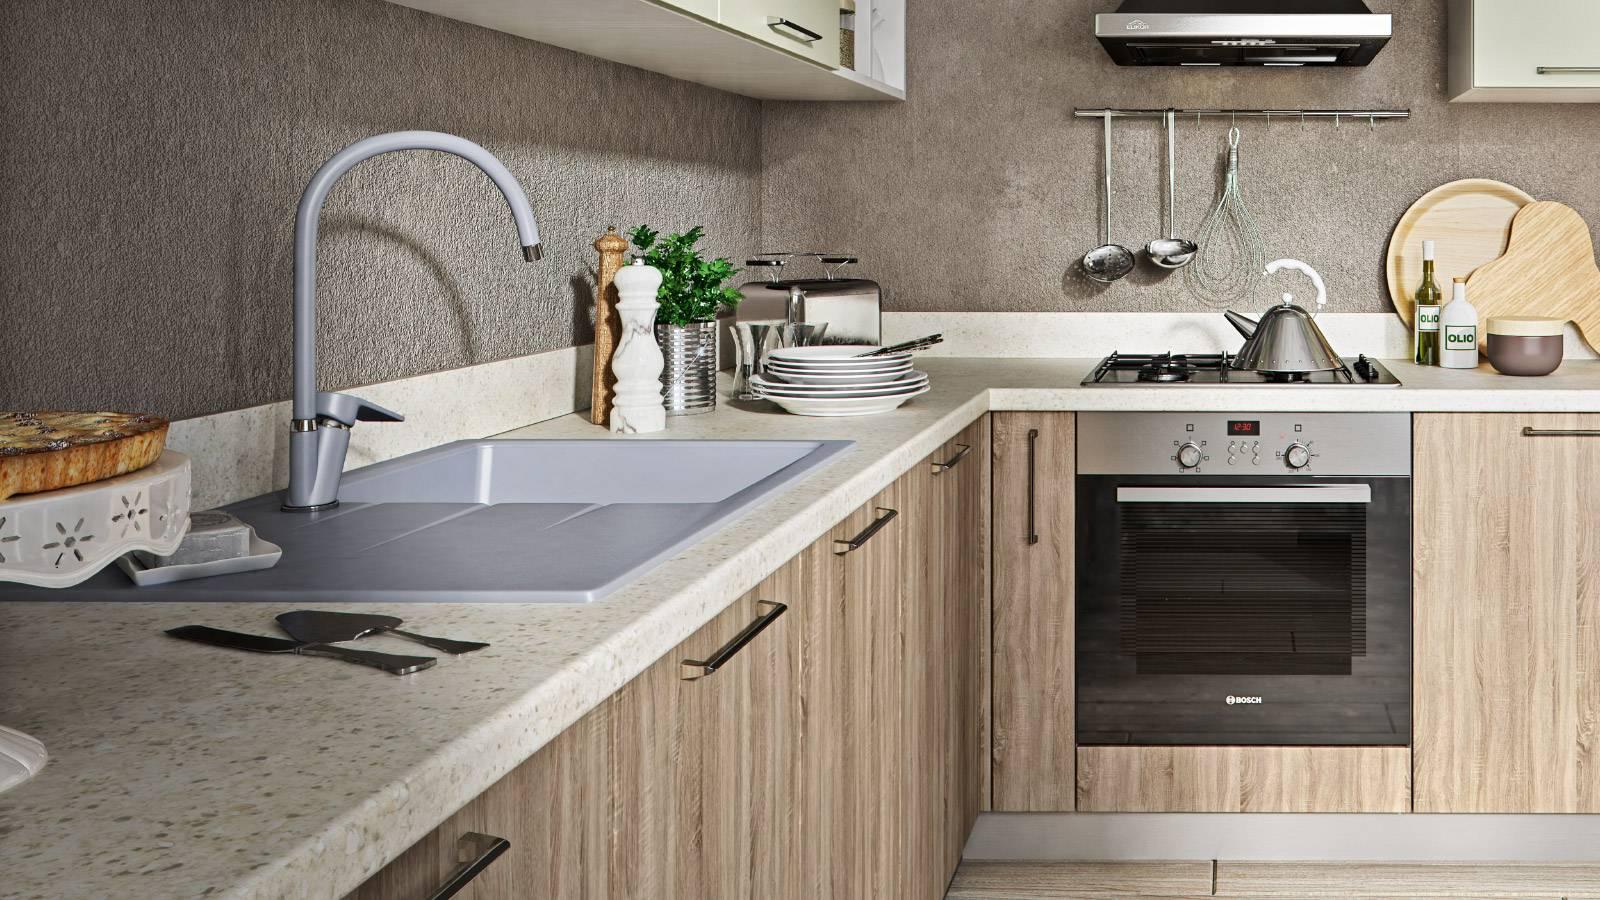 Как подобрать цвет столешницы для кухни: 60+ потрясающих фото и идей